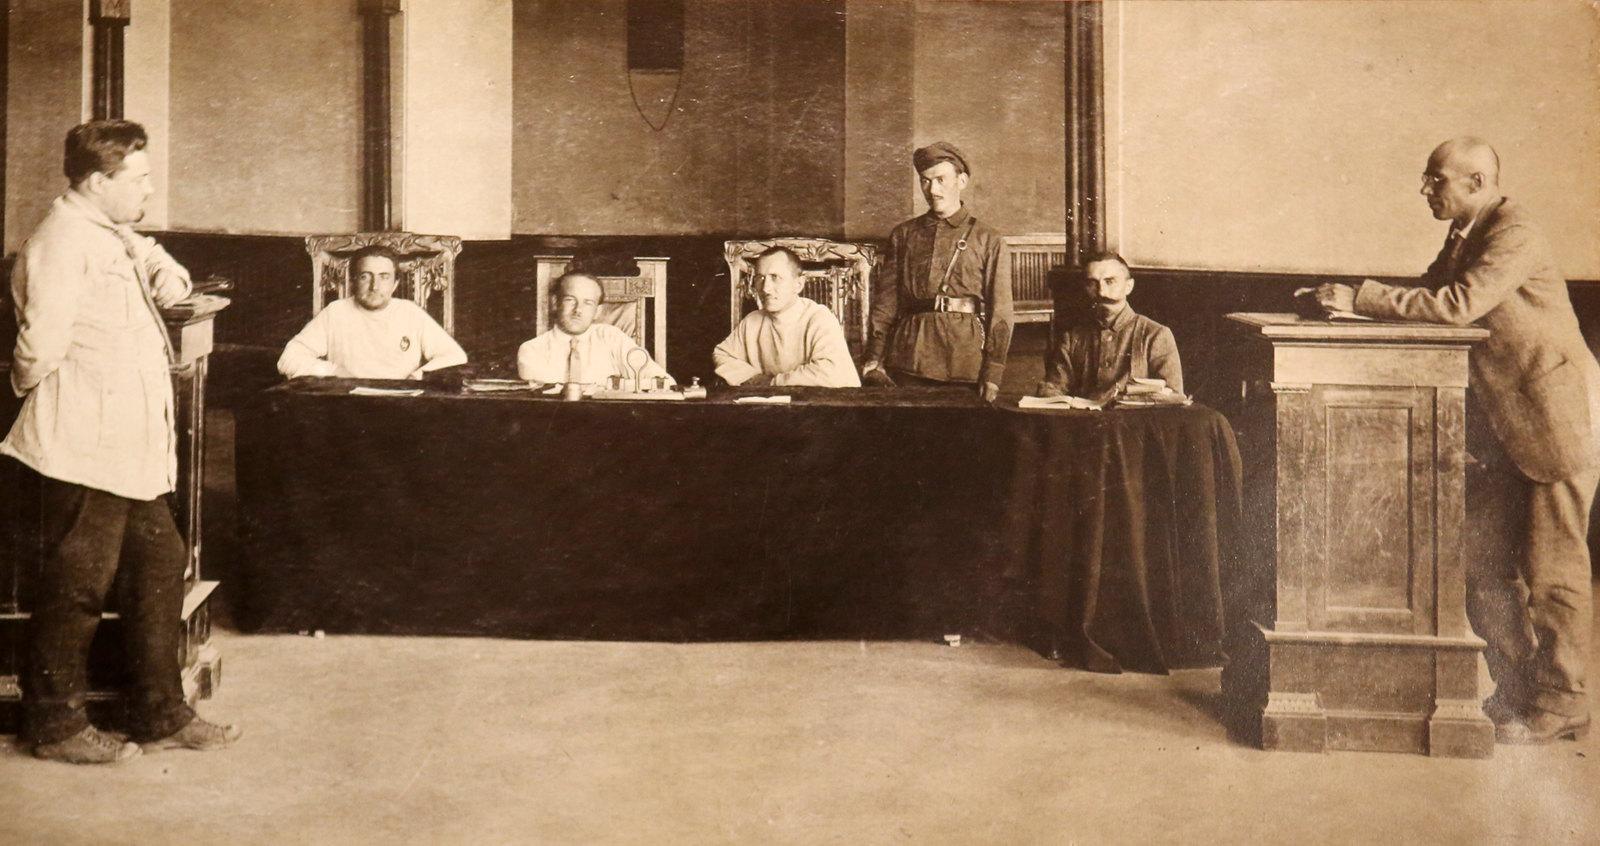 36. Выездная сессия Верховного трибунала ВЦИК в городском театре Ярославля. 1922